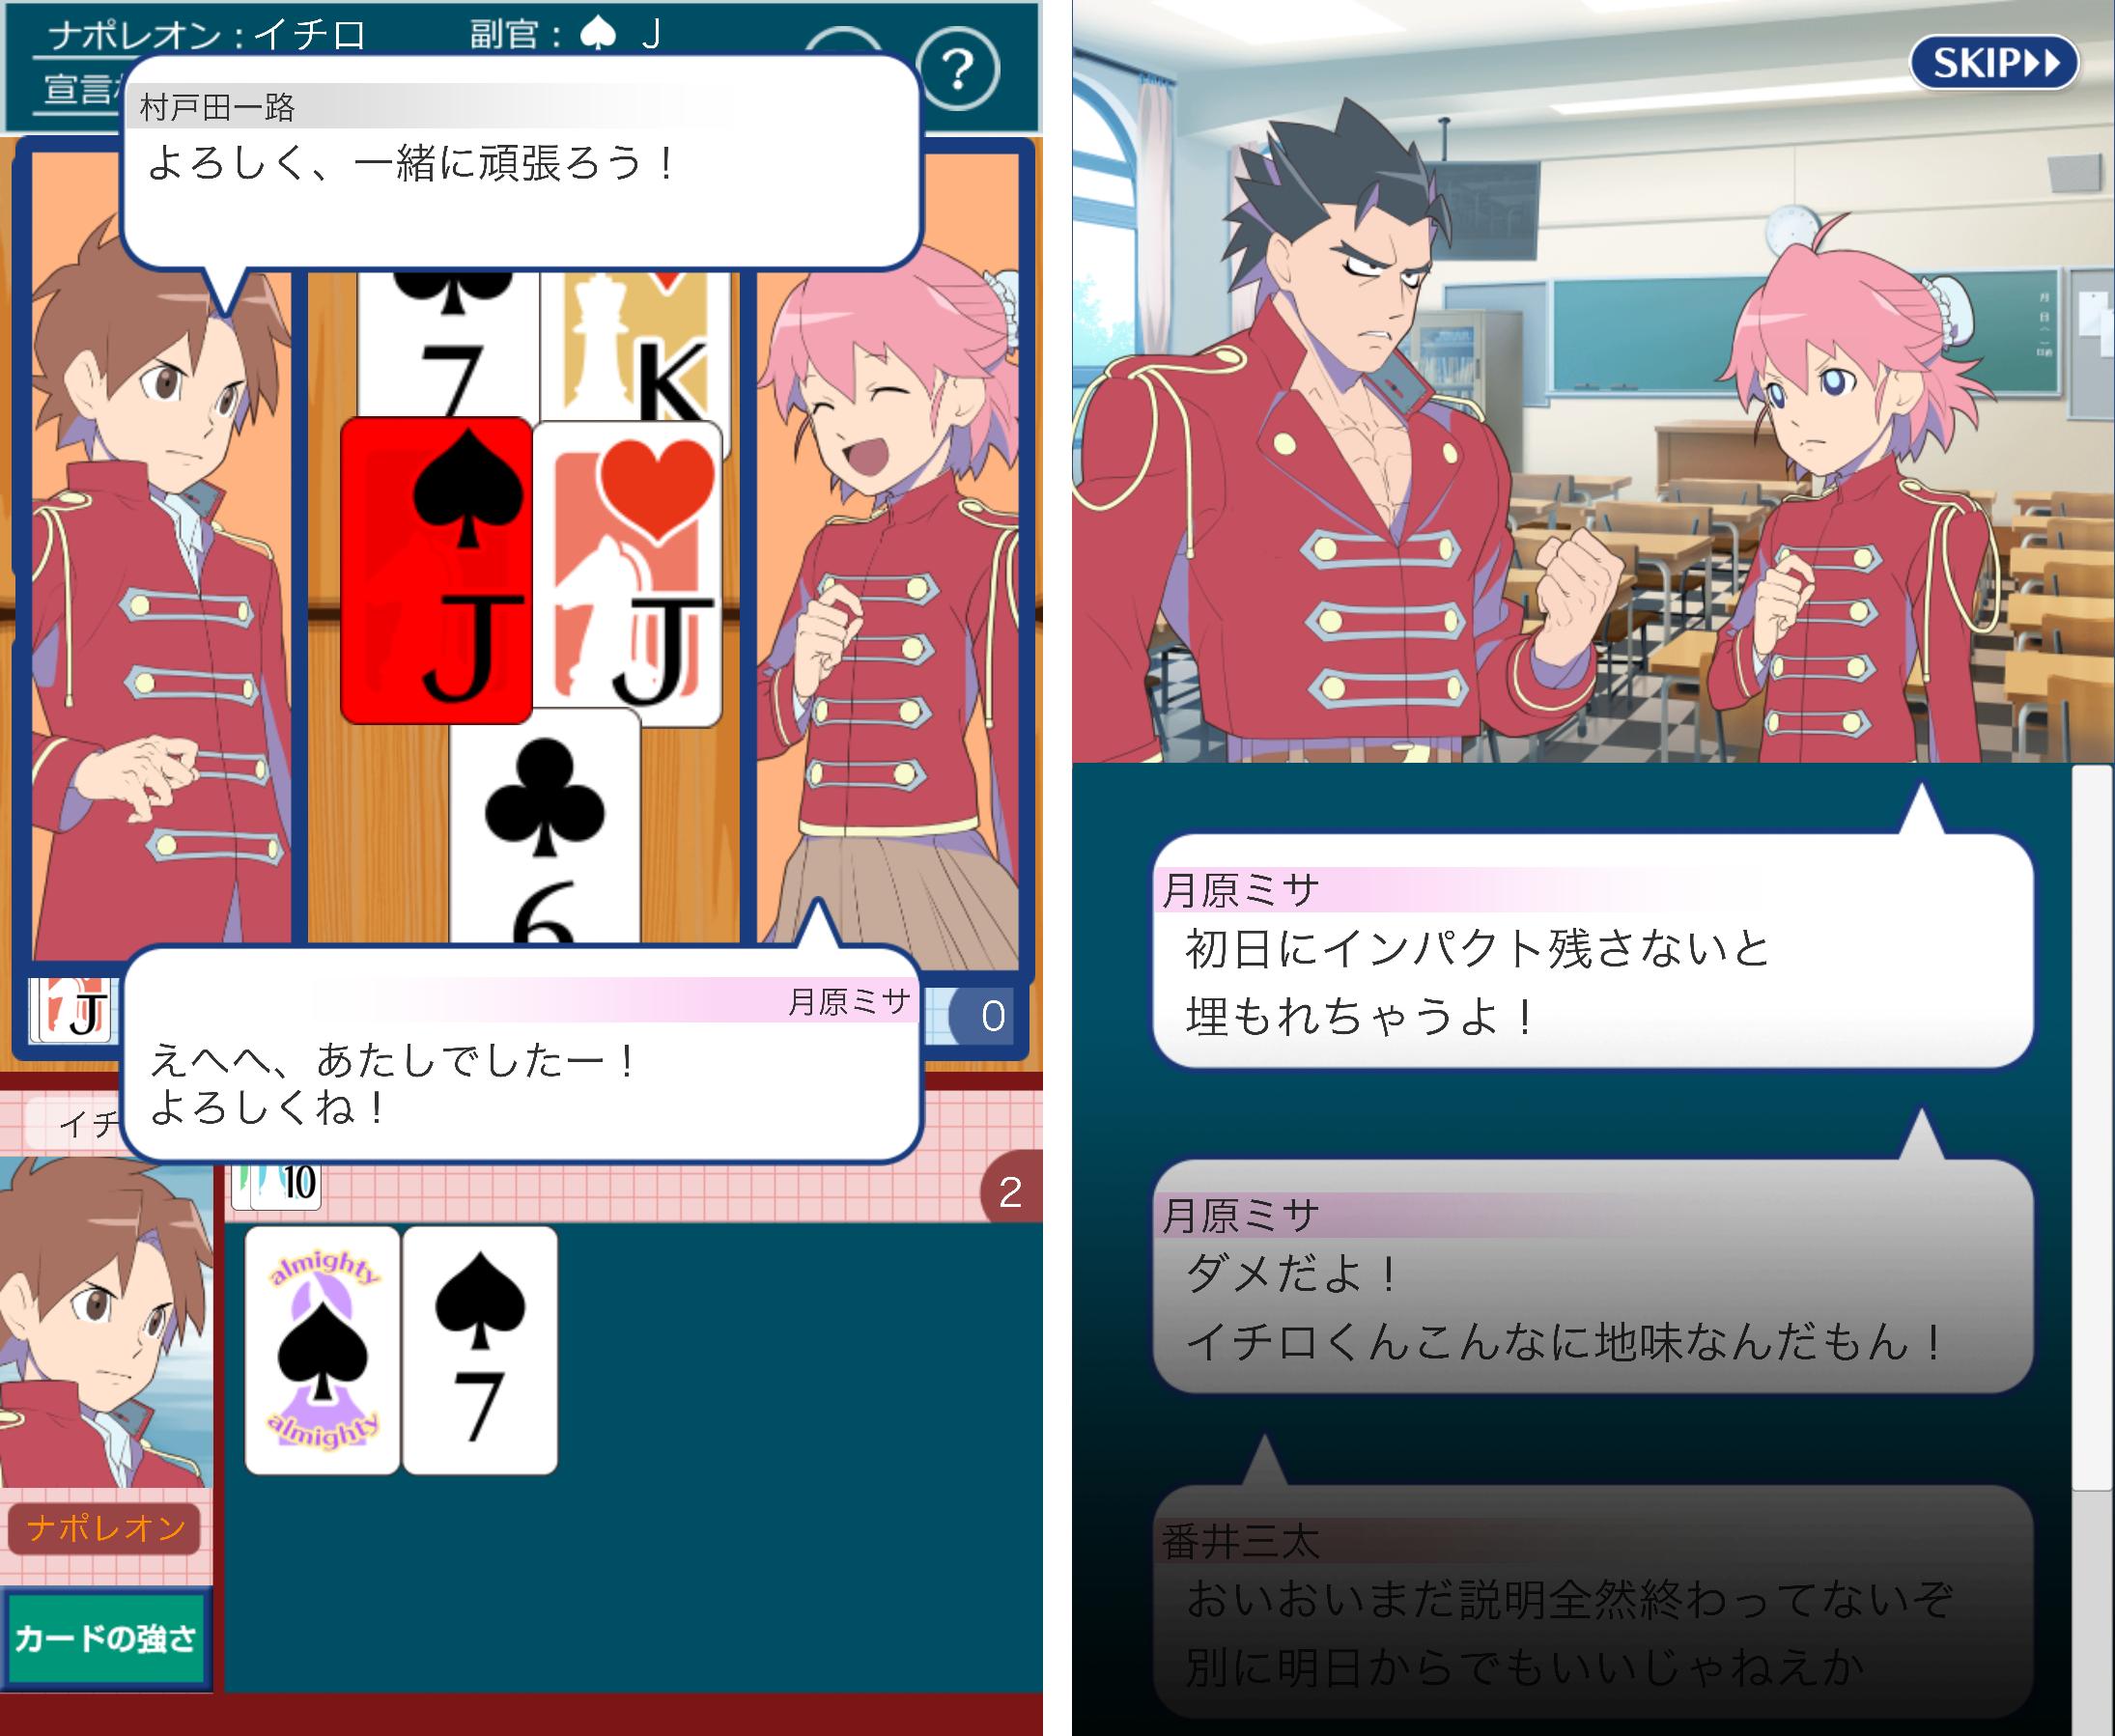 日直争奪ナポレオン学園(トランプゲーム) androidアプリスクリーンショット2